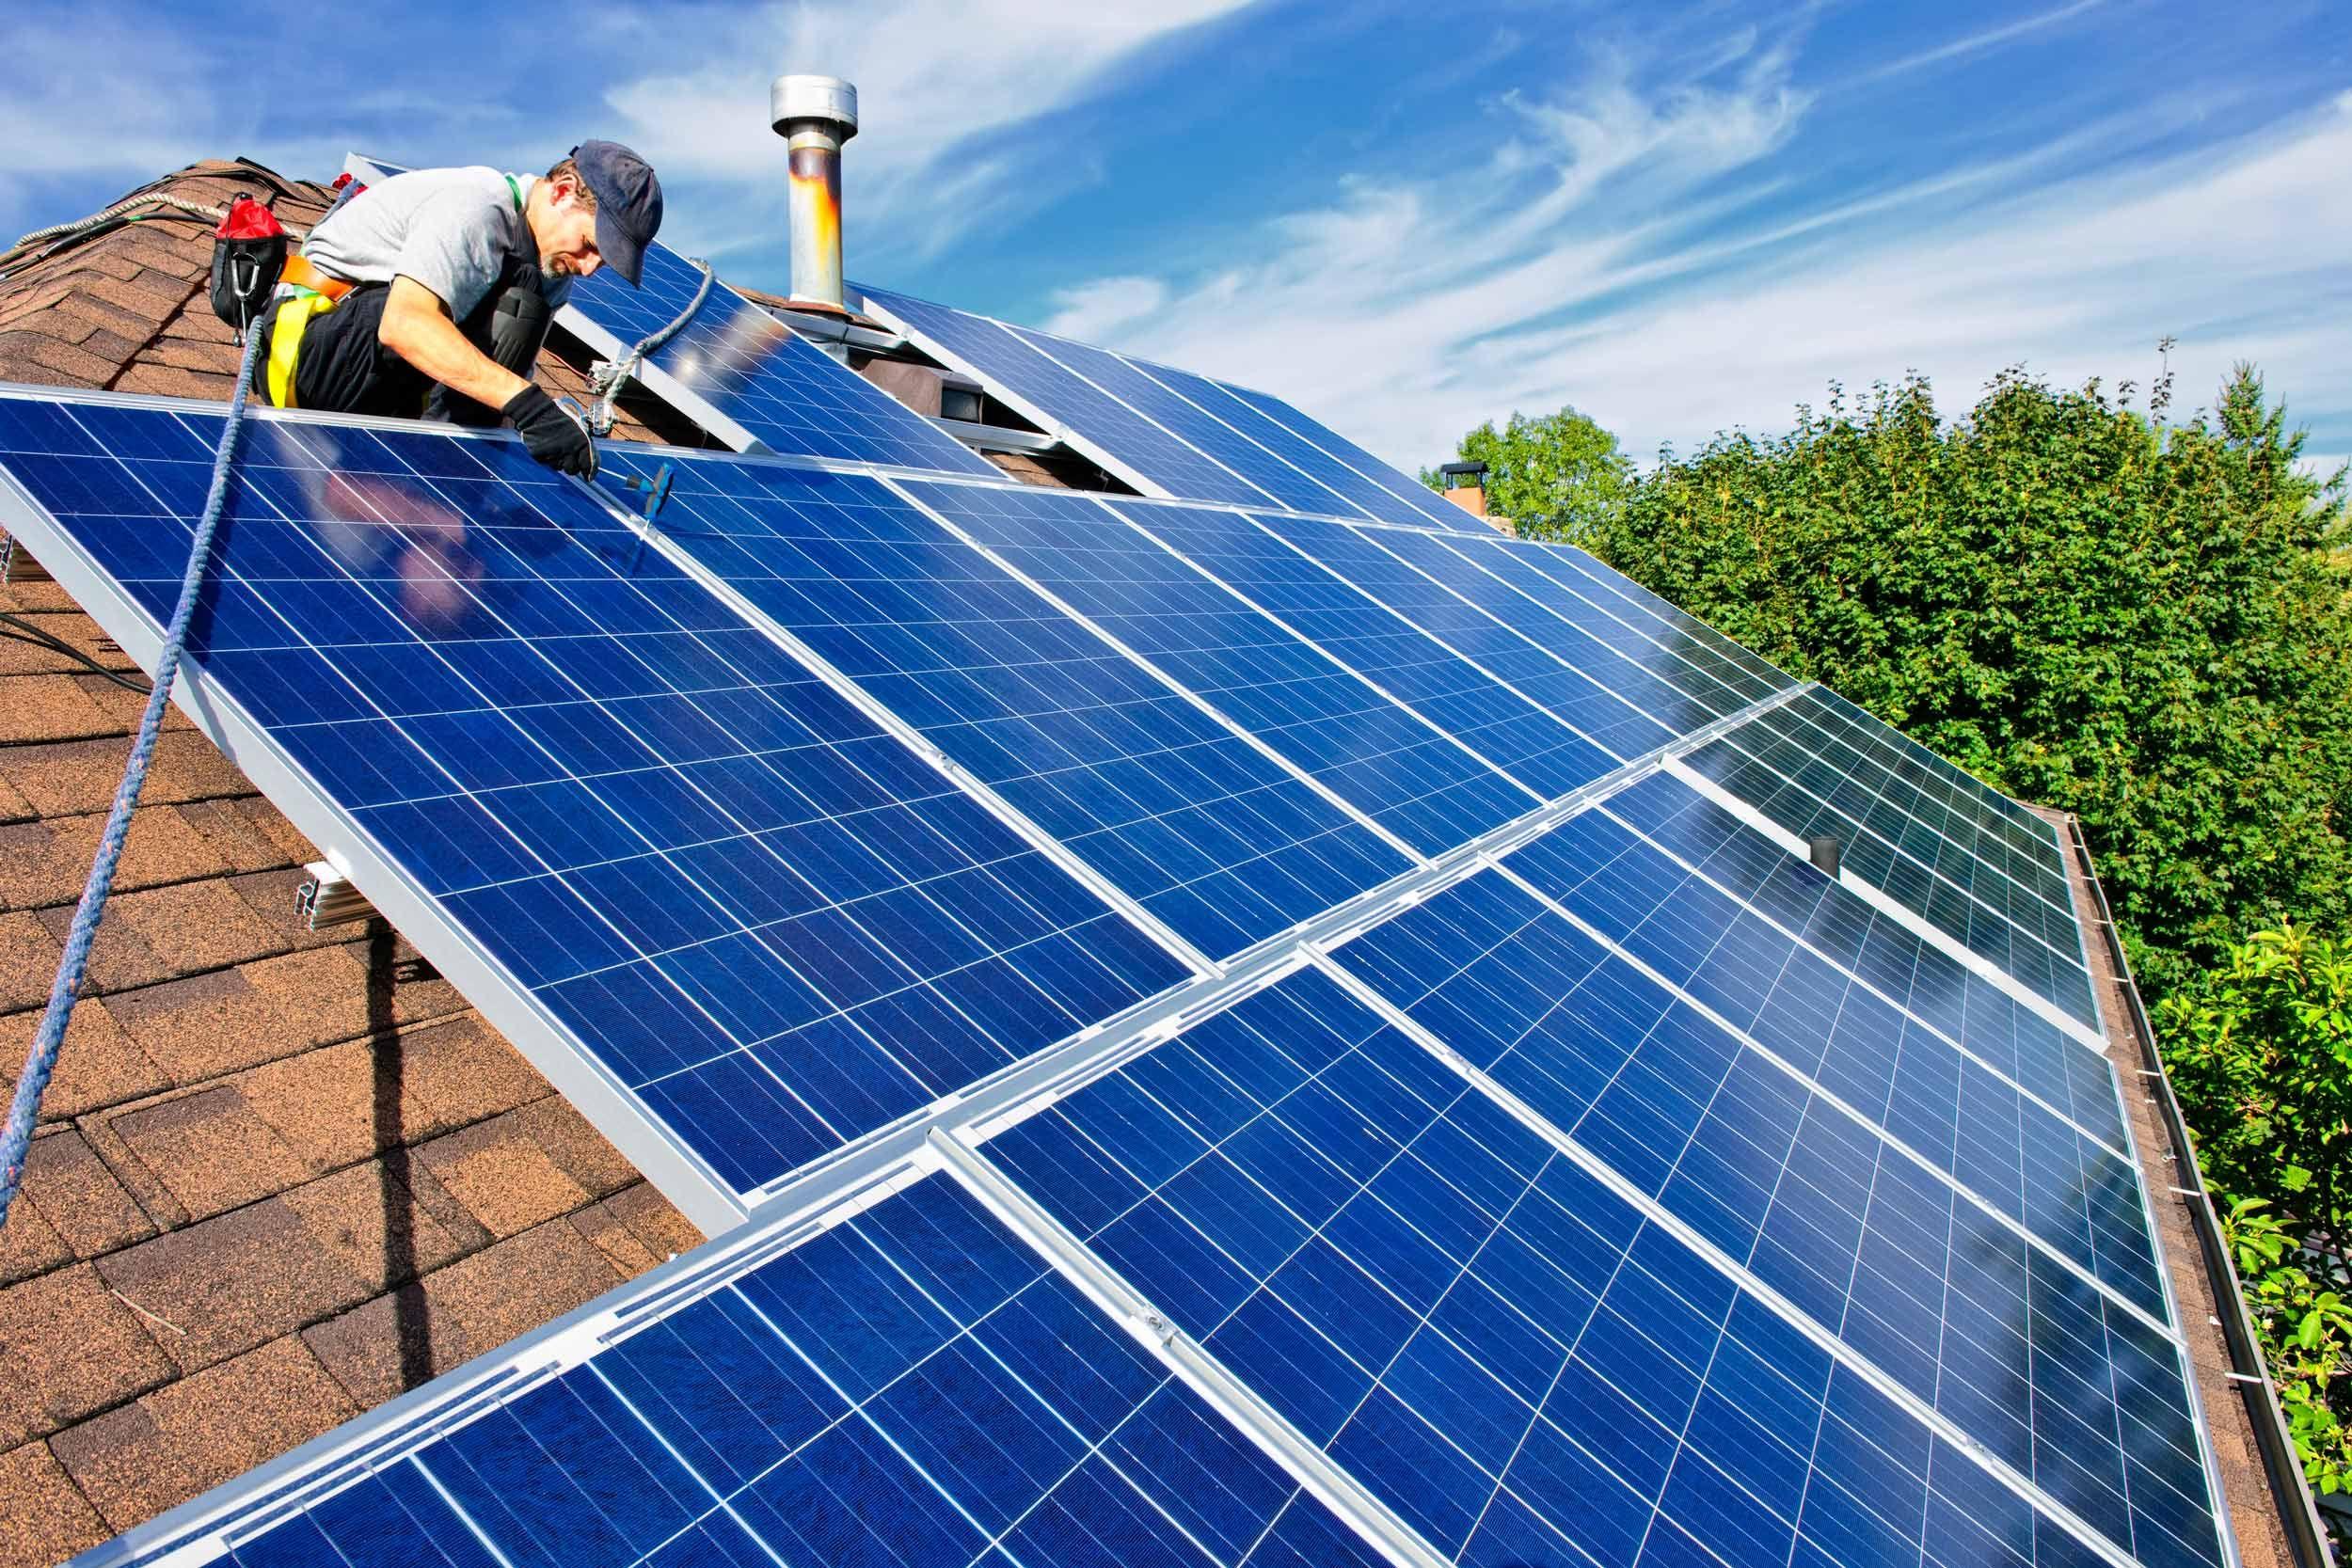 El termo eléctrico: energías renovables, conectividad y diseño